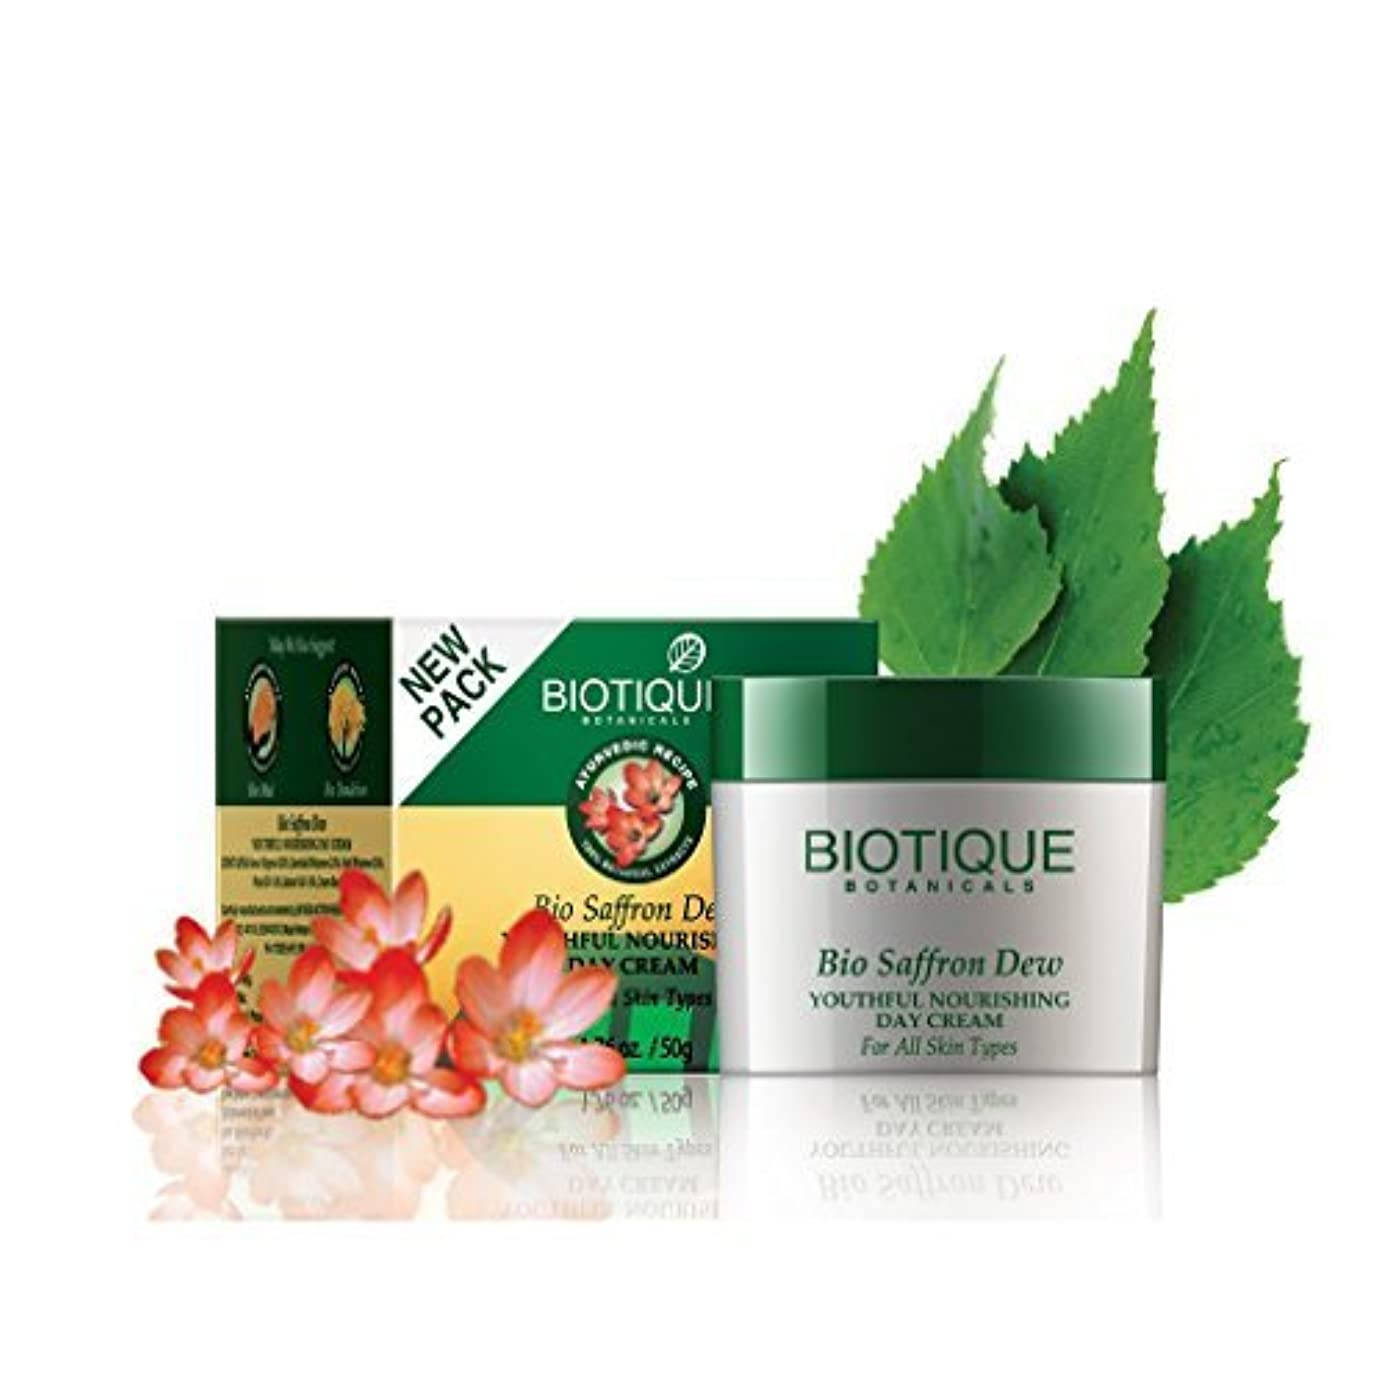 出席する再生的思想Biotique Saffron Dew 50g -- Ageless face & body cream by Biotique [並行輸入品]